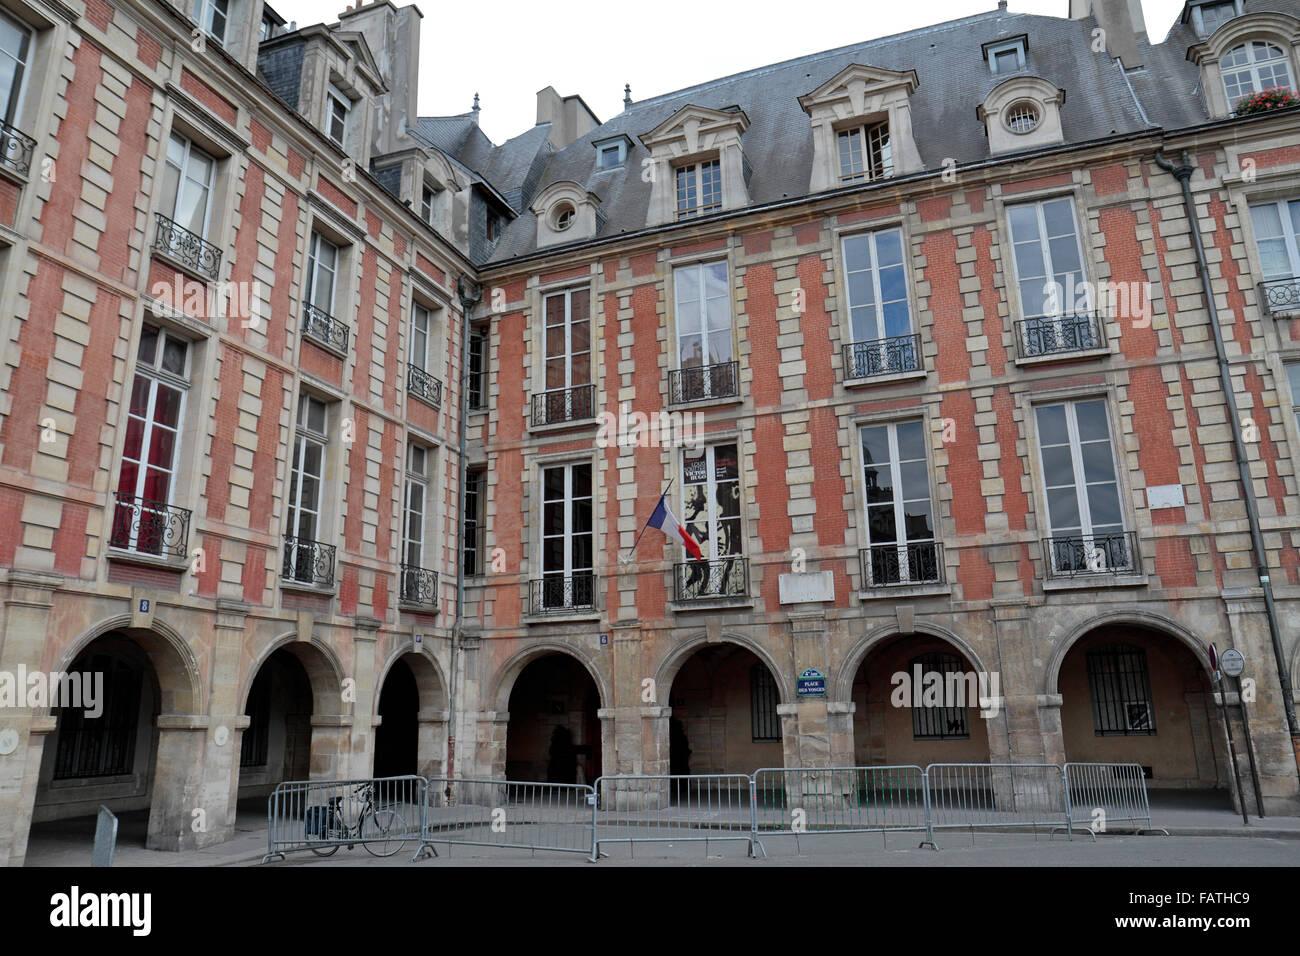 the maison de victor hugo on place des vosges stock photo royalty free image